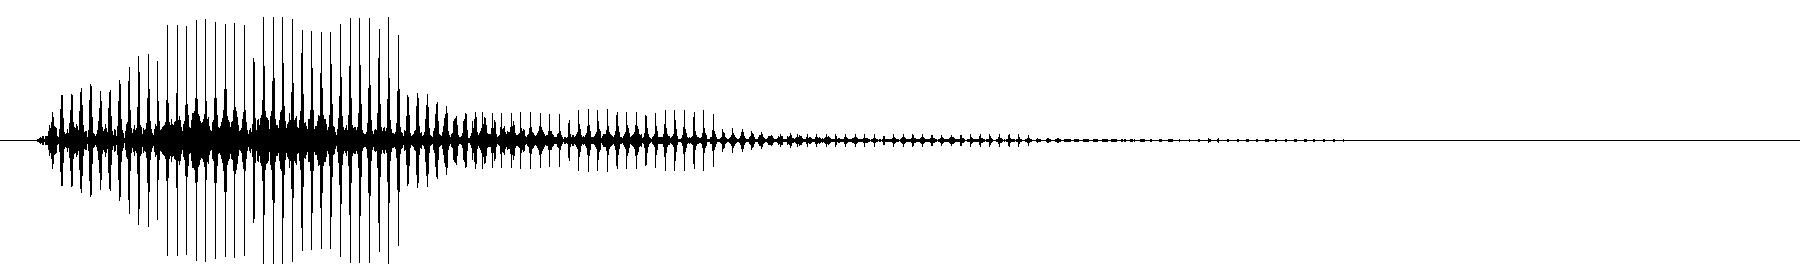 vocoder 2   machine